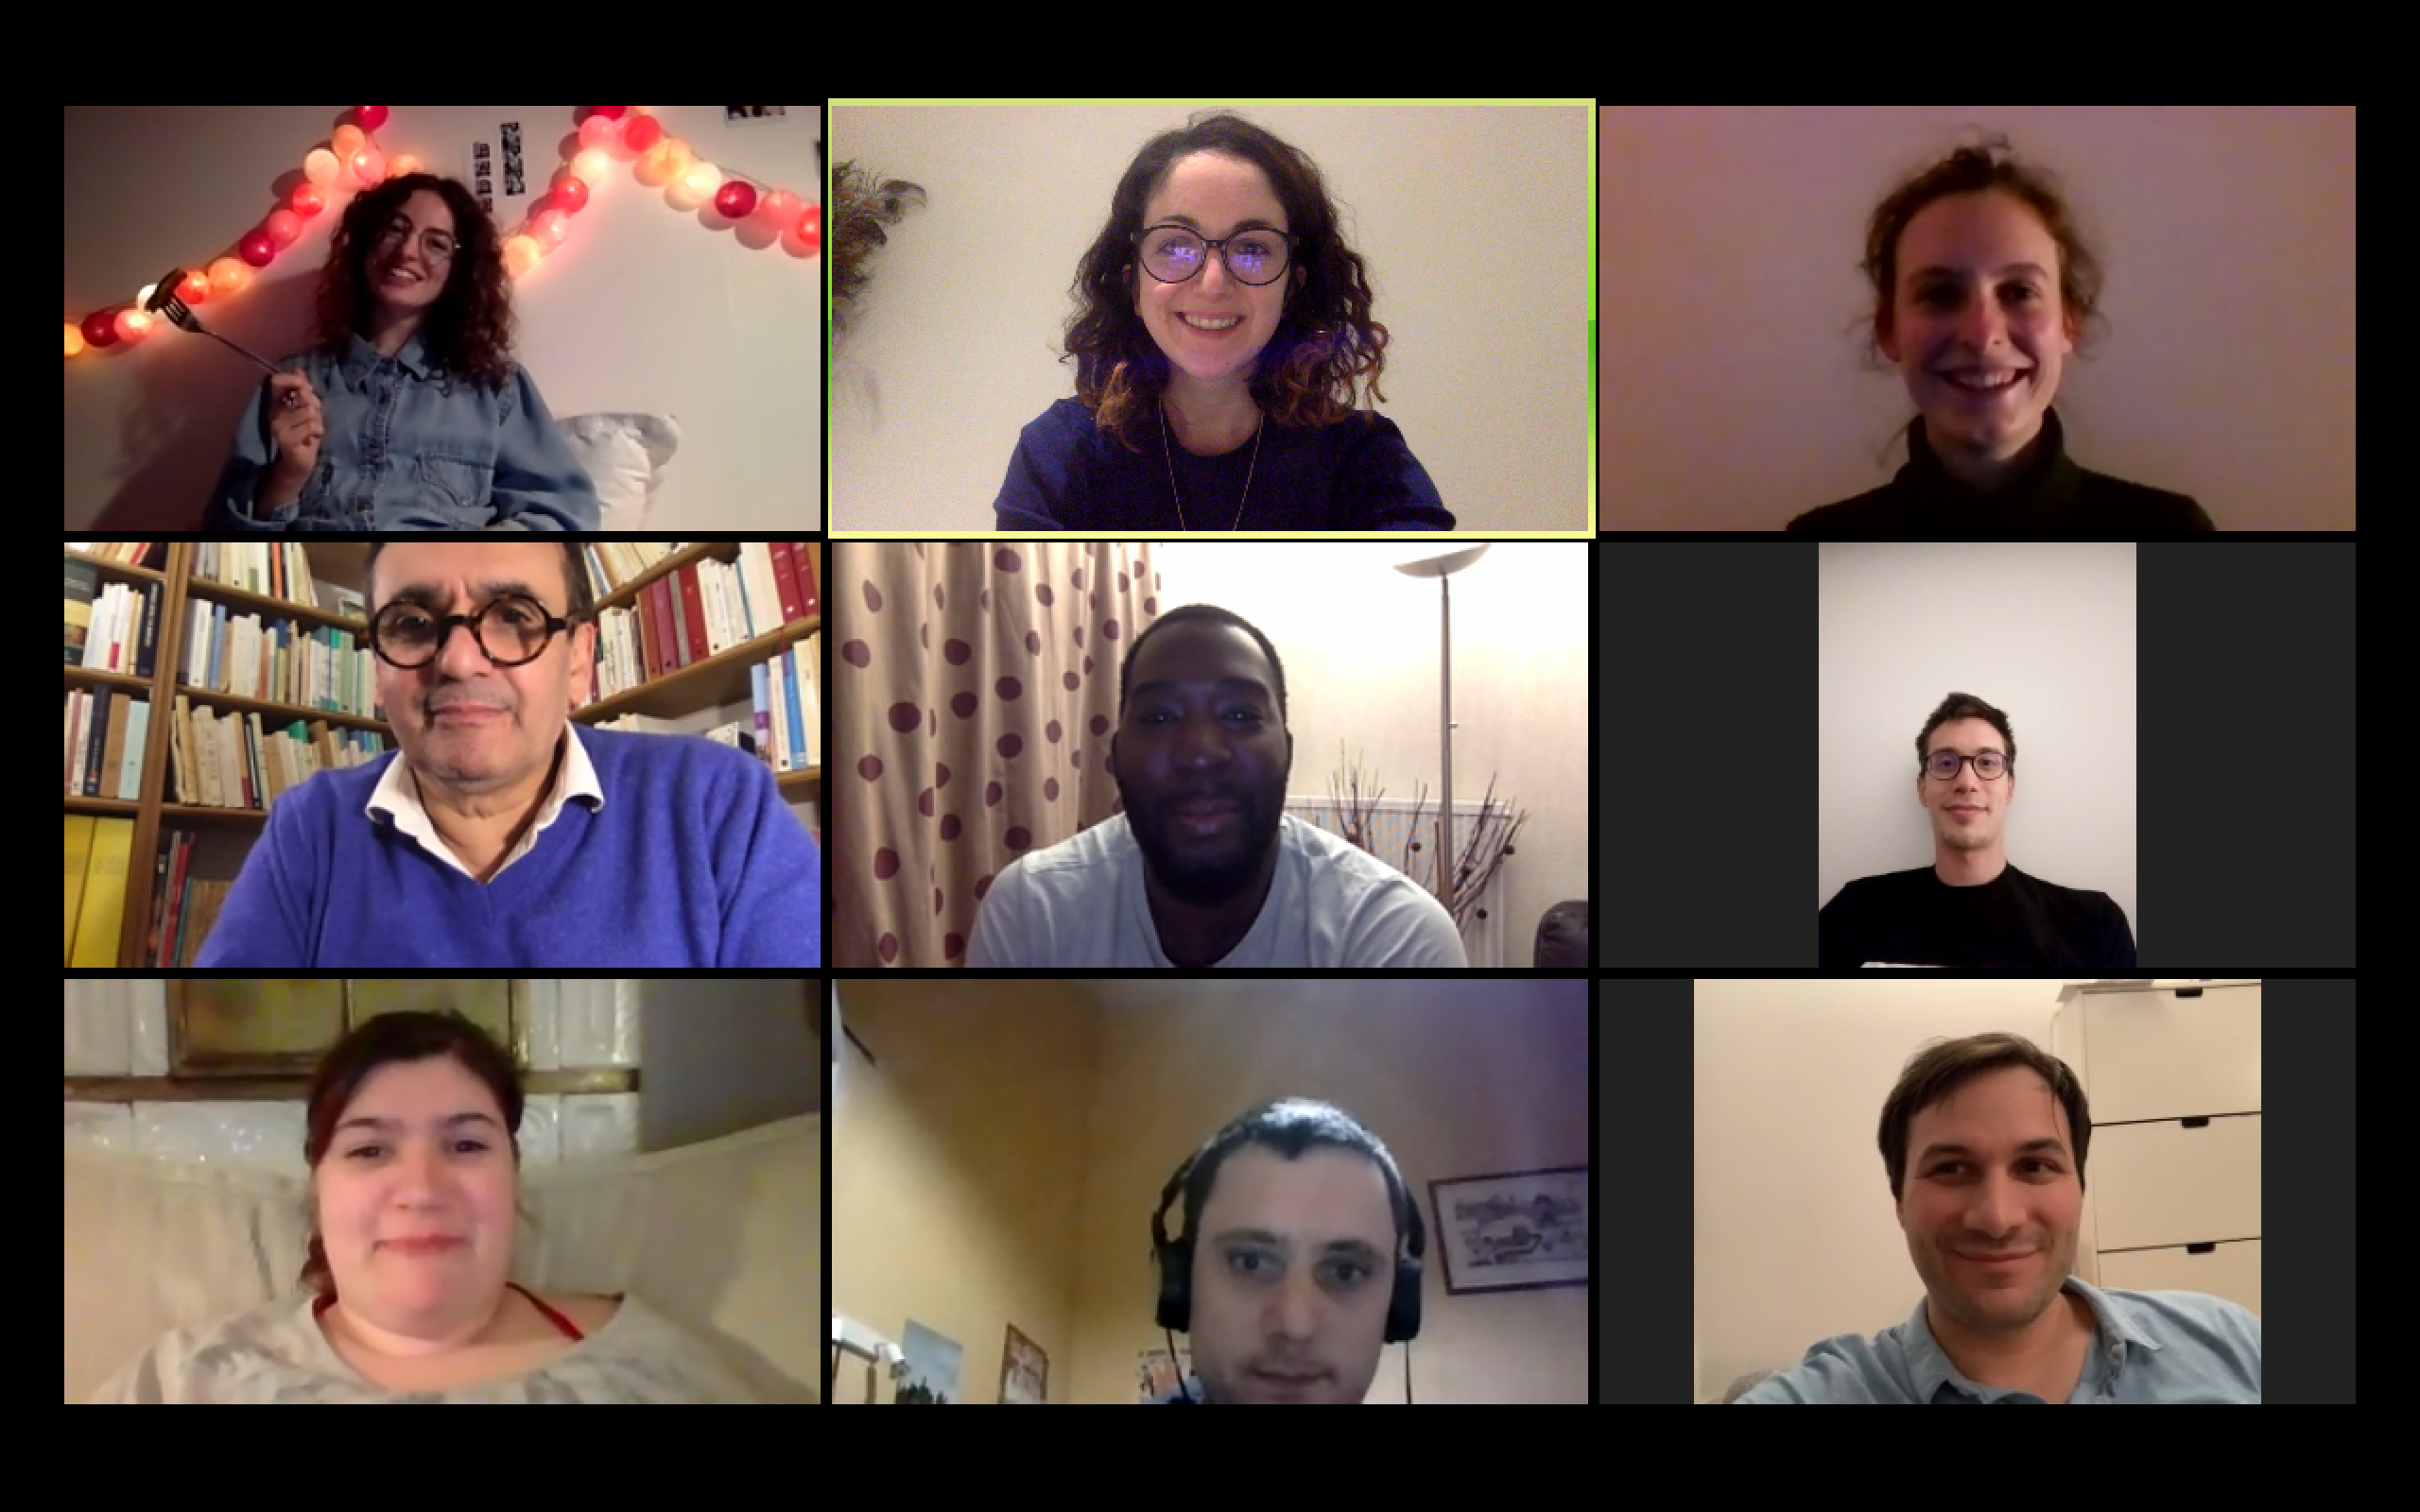 Le groupe des jeunes actifs réuni … via leur webcam !